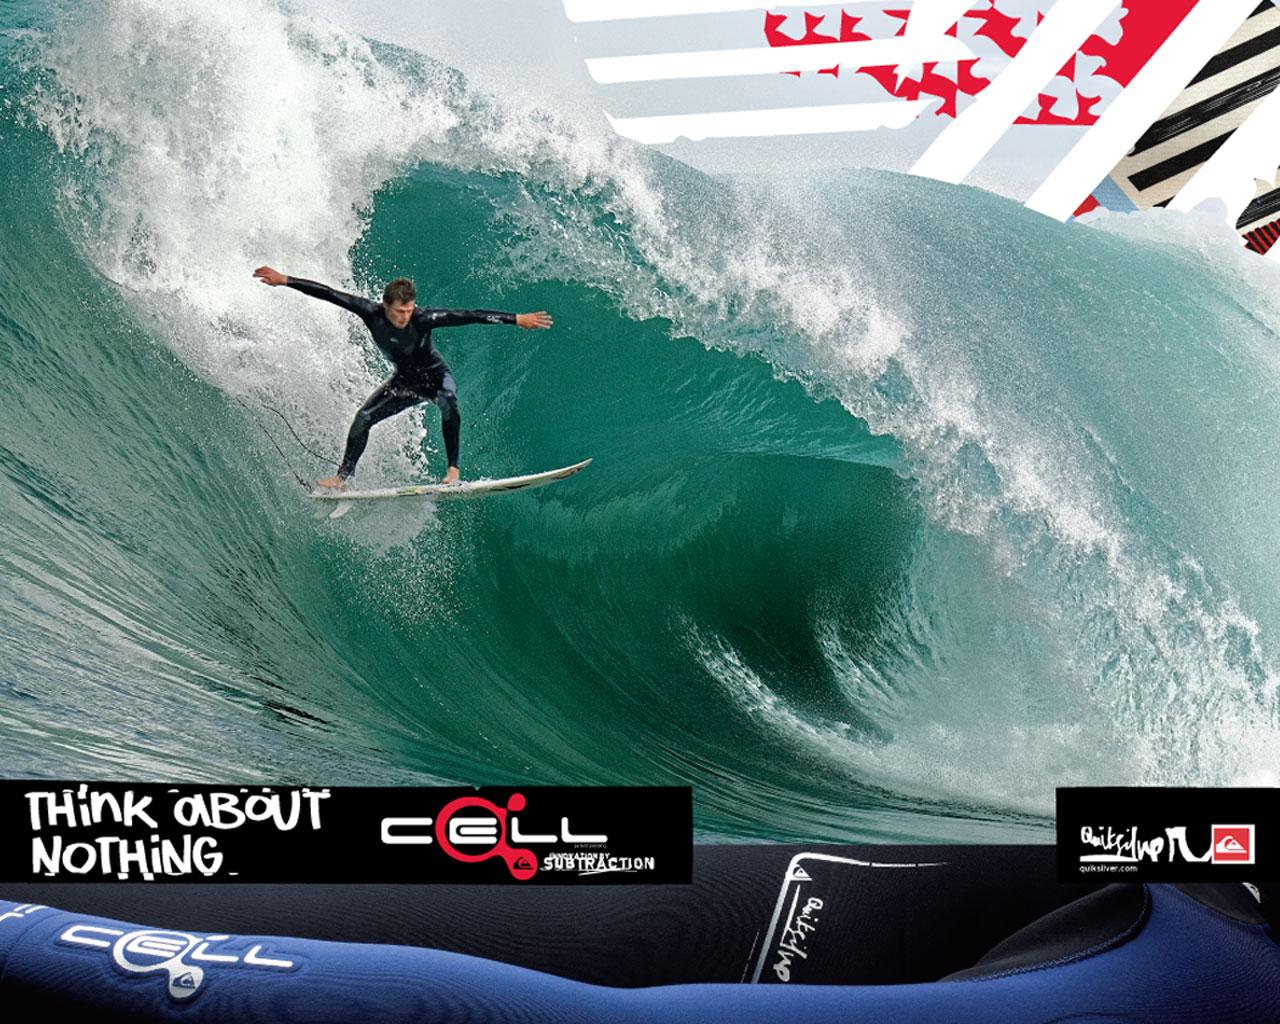 http://3.bp.blogspot.com/-7zx7Q4CuFZQ/TrE6_cIDE1I/AAAAAAAAAM8/qn8EH6_WYvQ/s1600/dane-reynolds-quiksilver-surfing-wallpapers.jpg